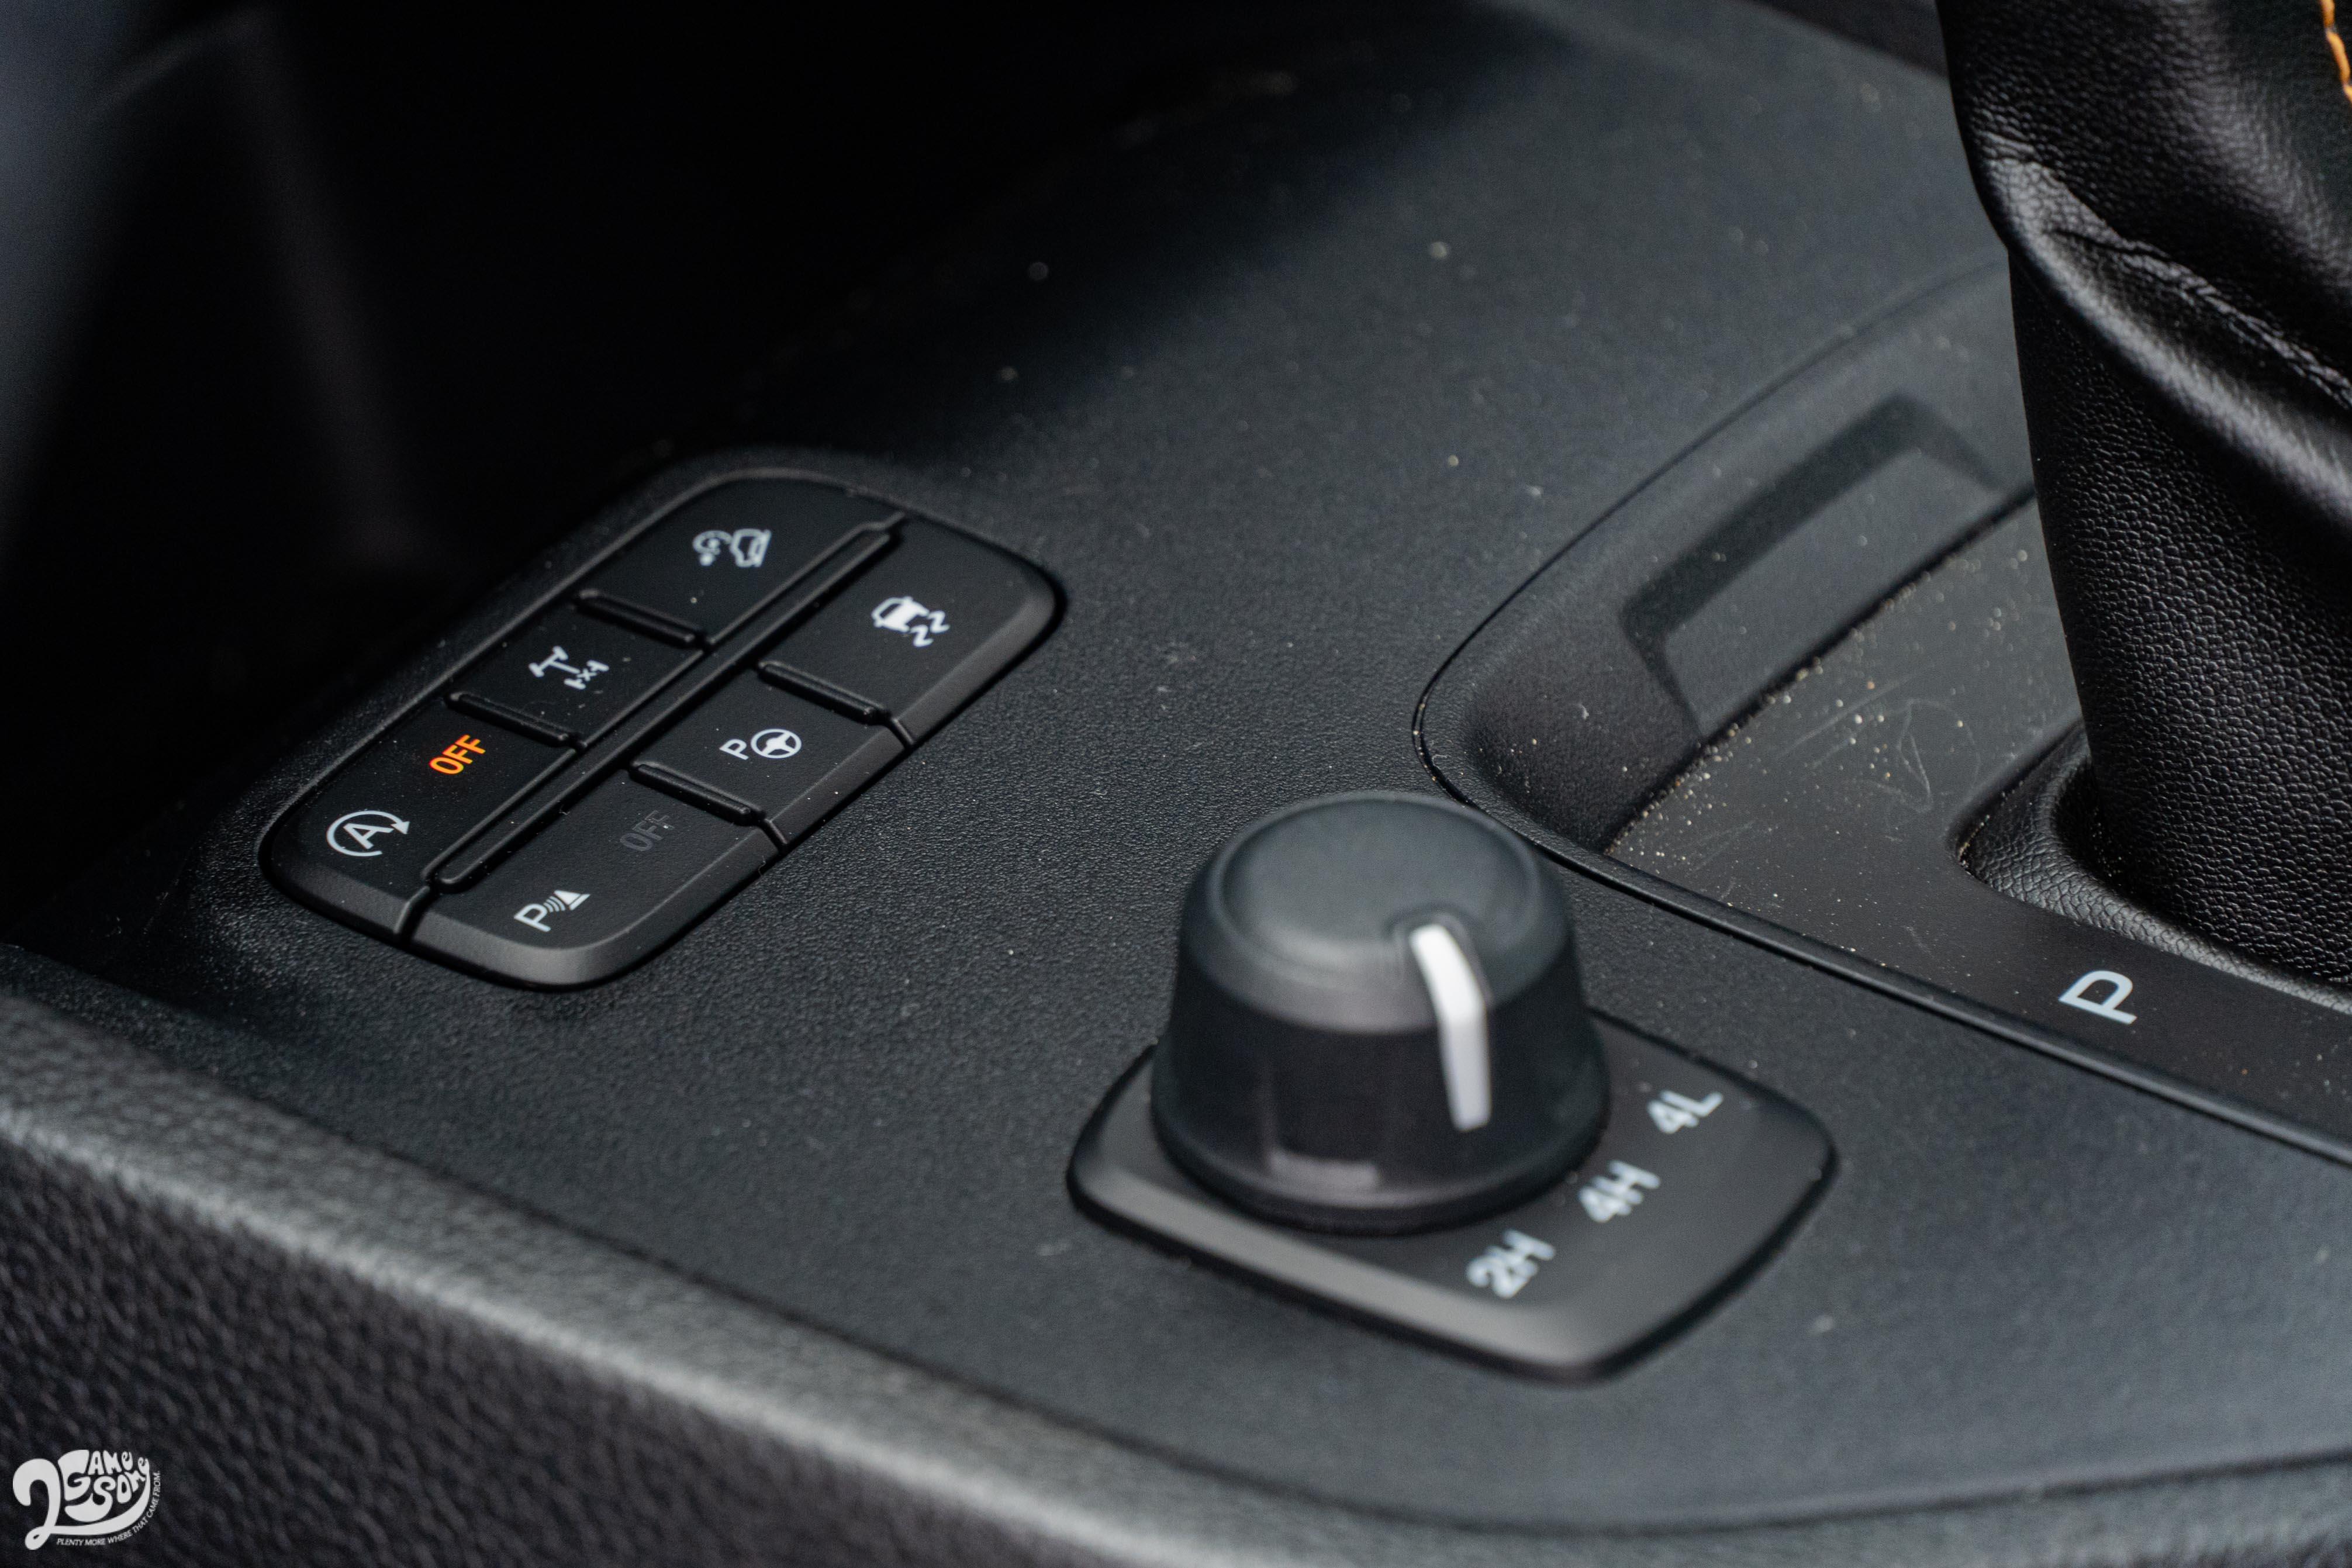 電子旋鈕加力箱提供 2H/4H/4L 三種模式,並配備電子後差速器鎖定。